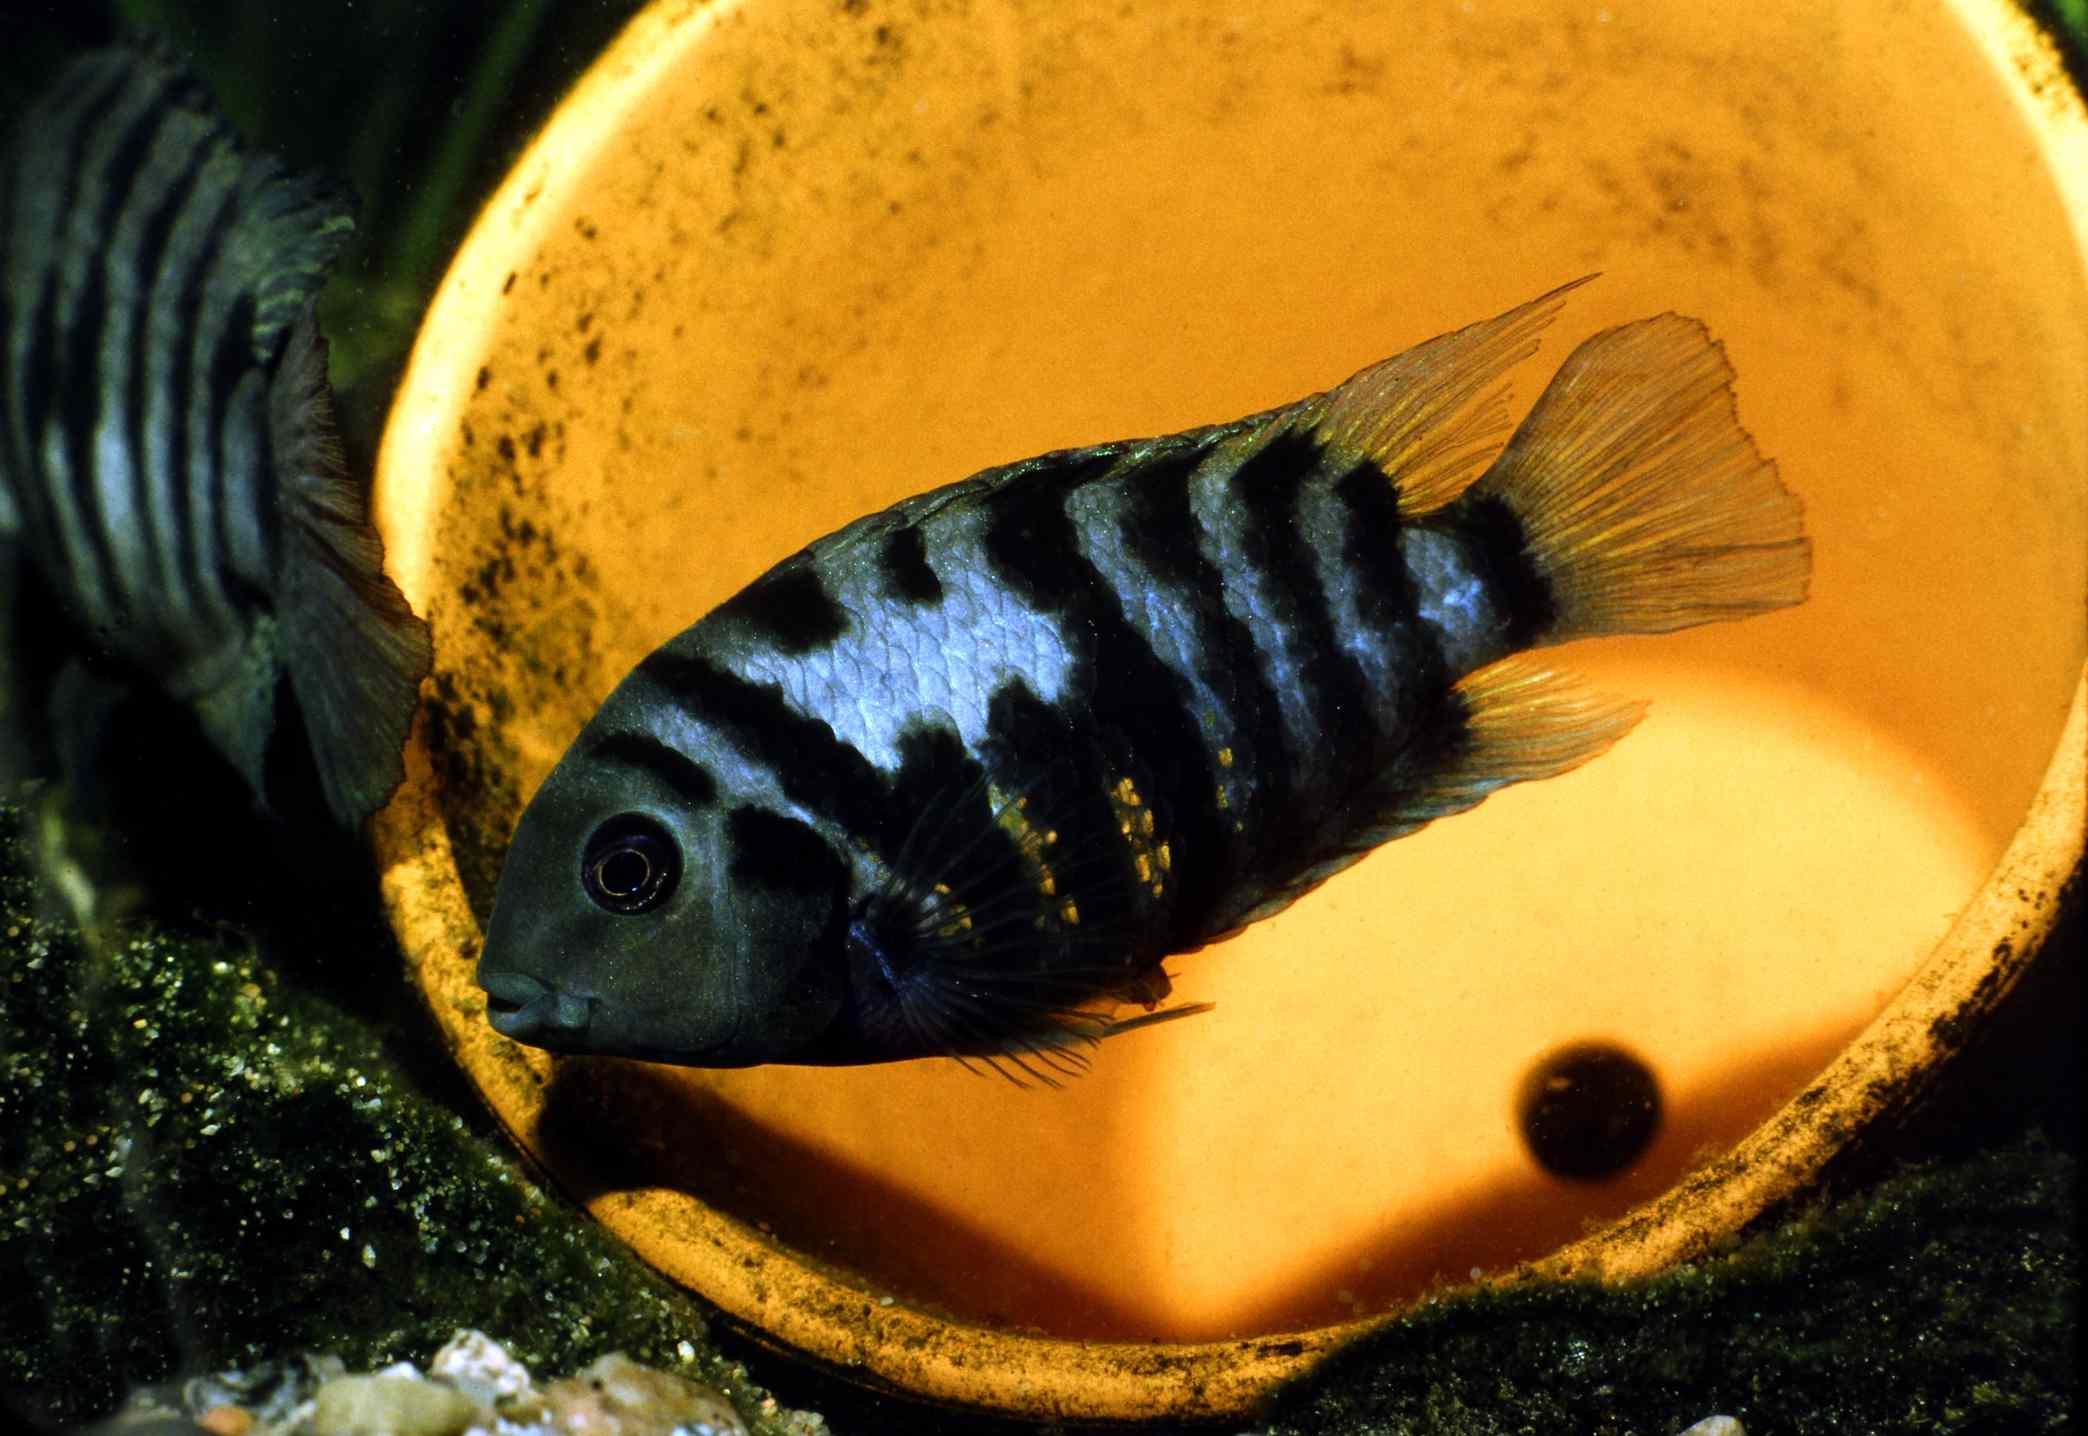 Black/Zebra Convict Cichlid